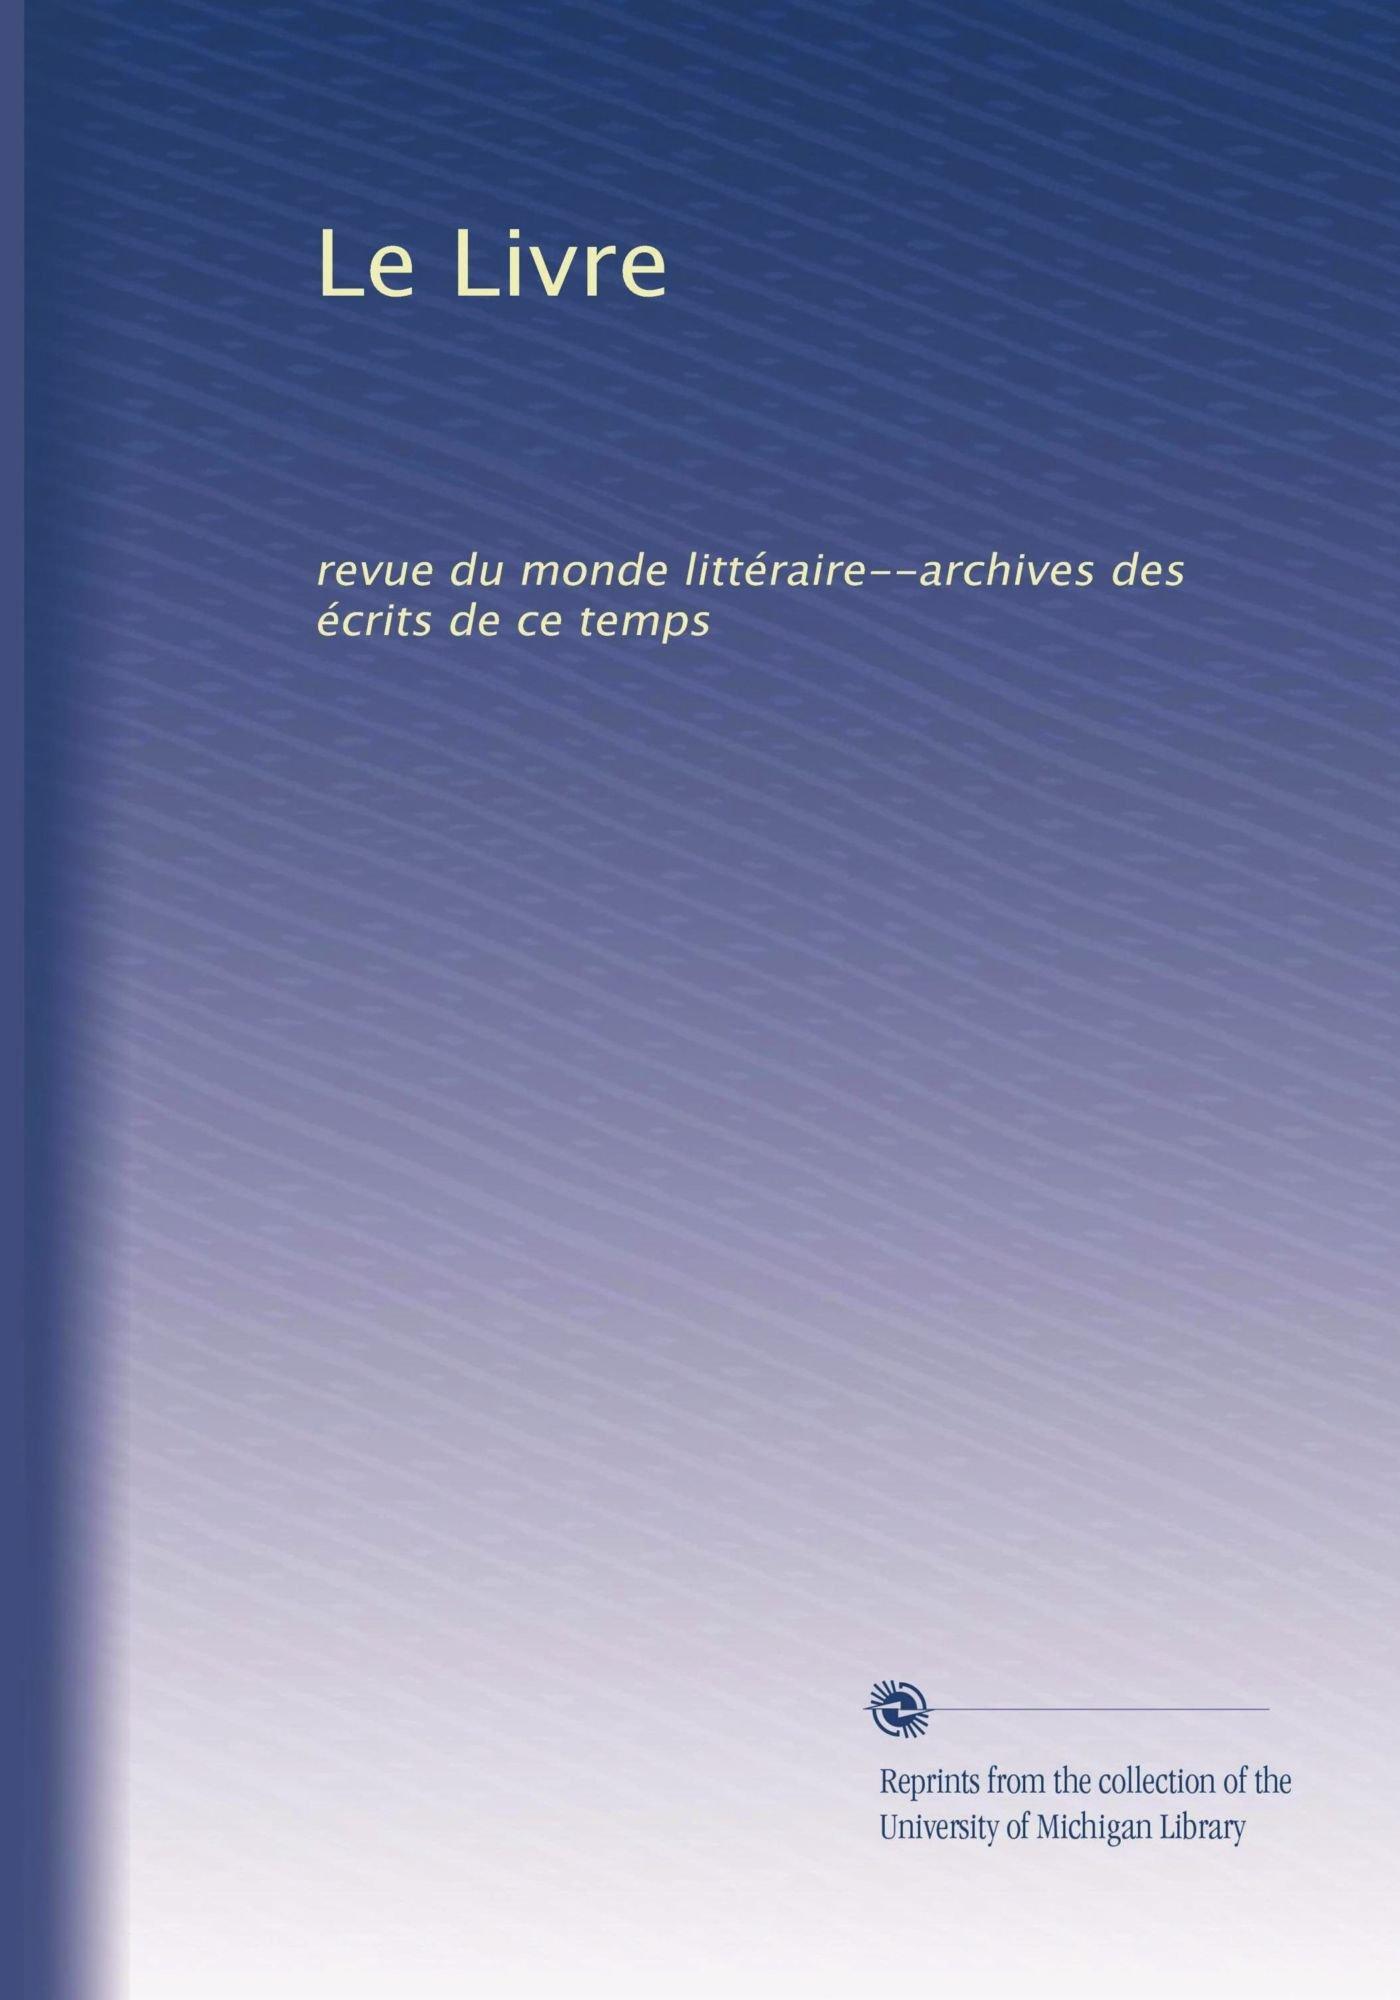 Le Livre: revue du monde littéraire--archives des écrits de ce temps (Volume 7) (French Edition) PDF